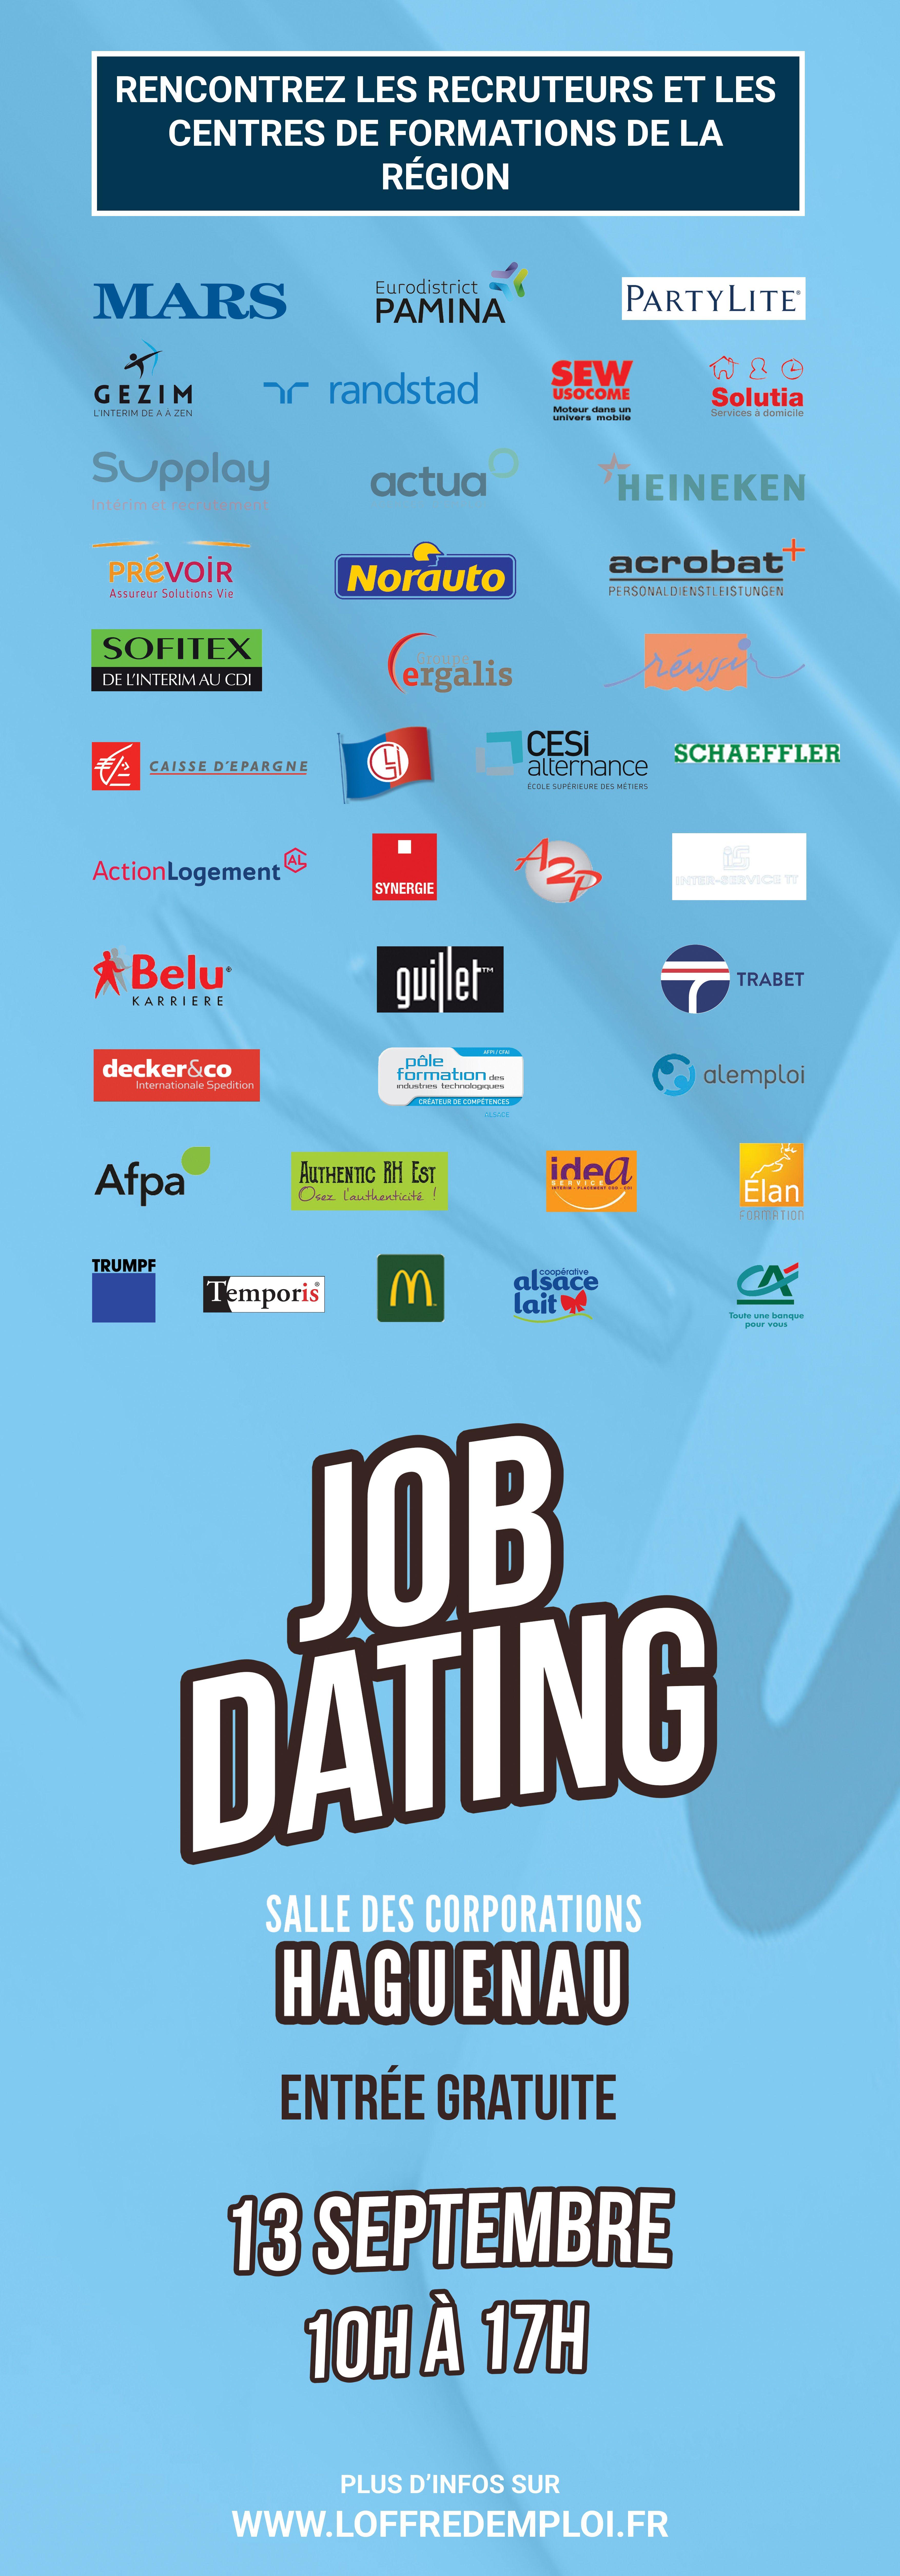 JOB DATING recrute JOB DATING - HAGUENAU - le 13 Septembre 2017